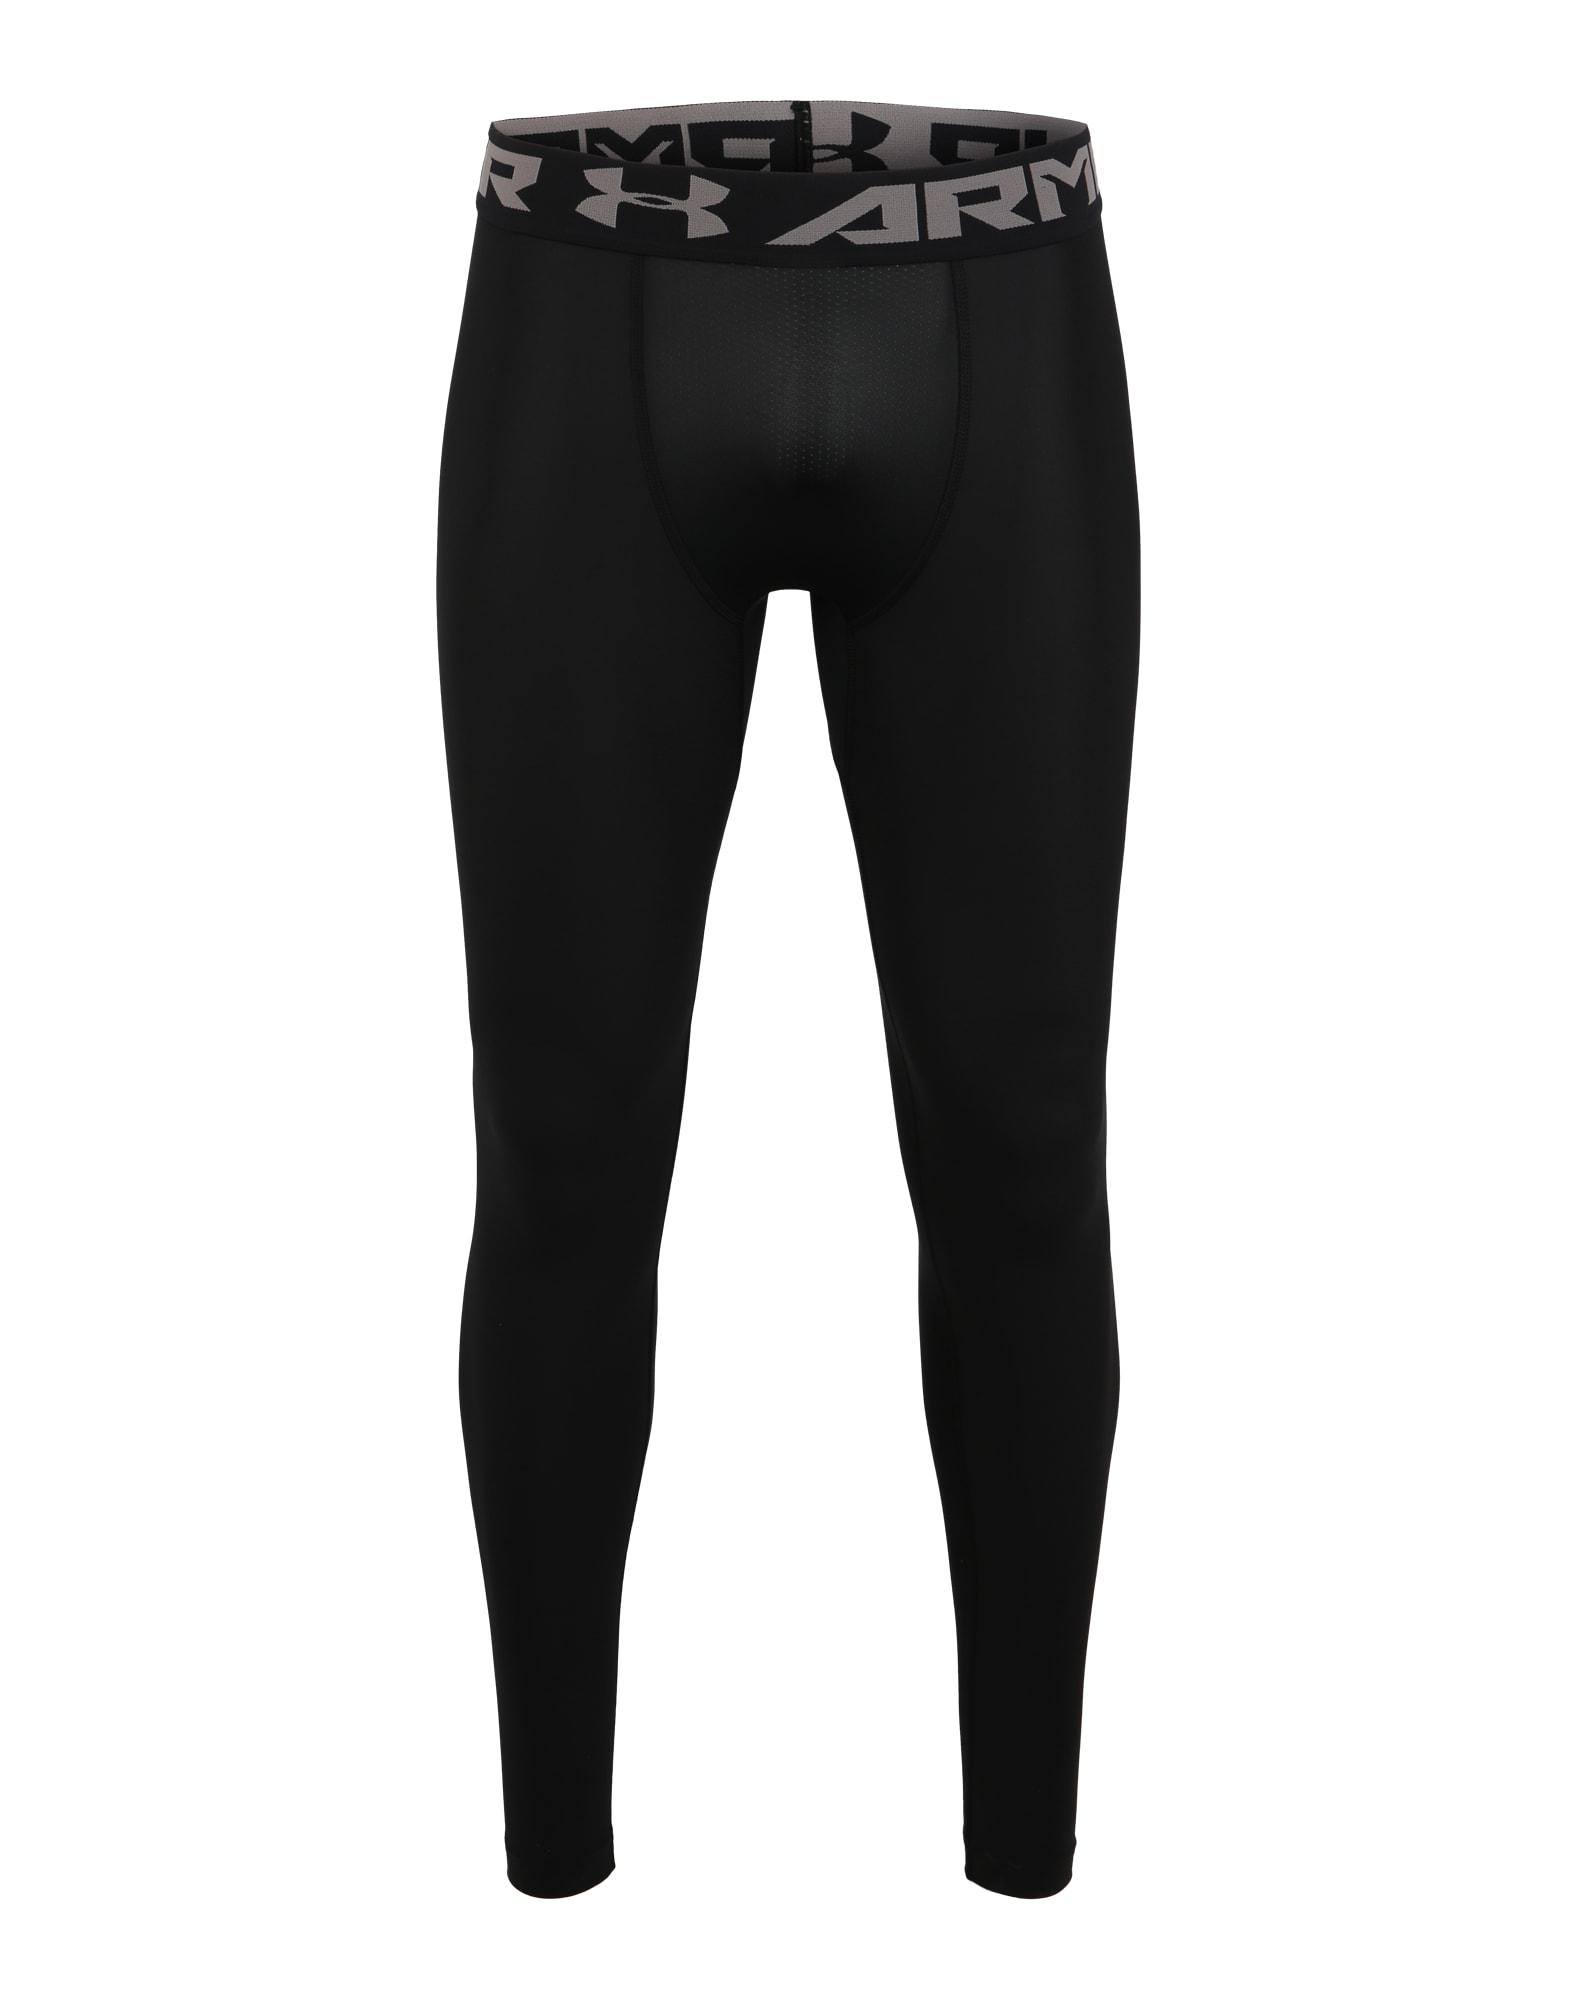 UNDER ARMOUR Sportinės kelnės juoda / grafito